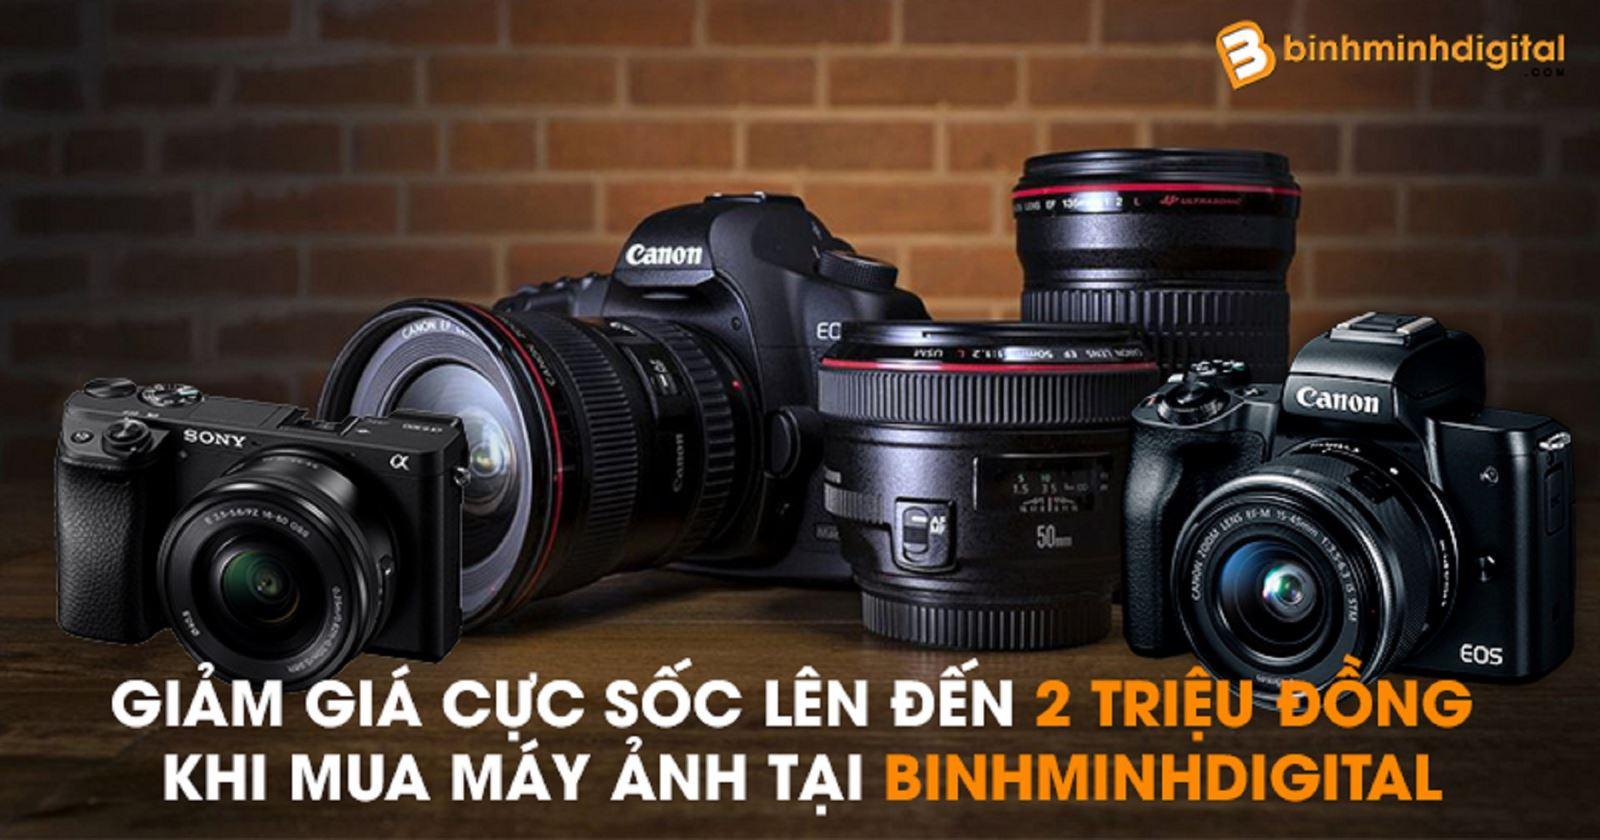 Giảm giá cực sốc lên đến 2 triệu đồng khi mua máy ảnh tại BinhMinhDigital